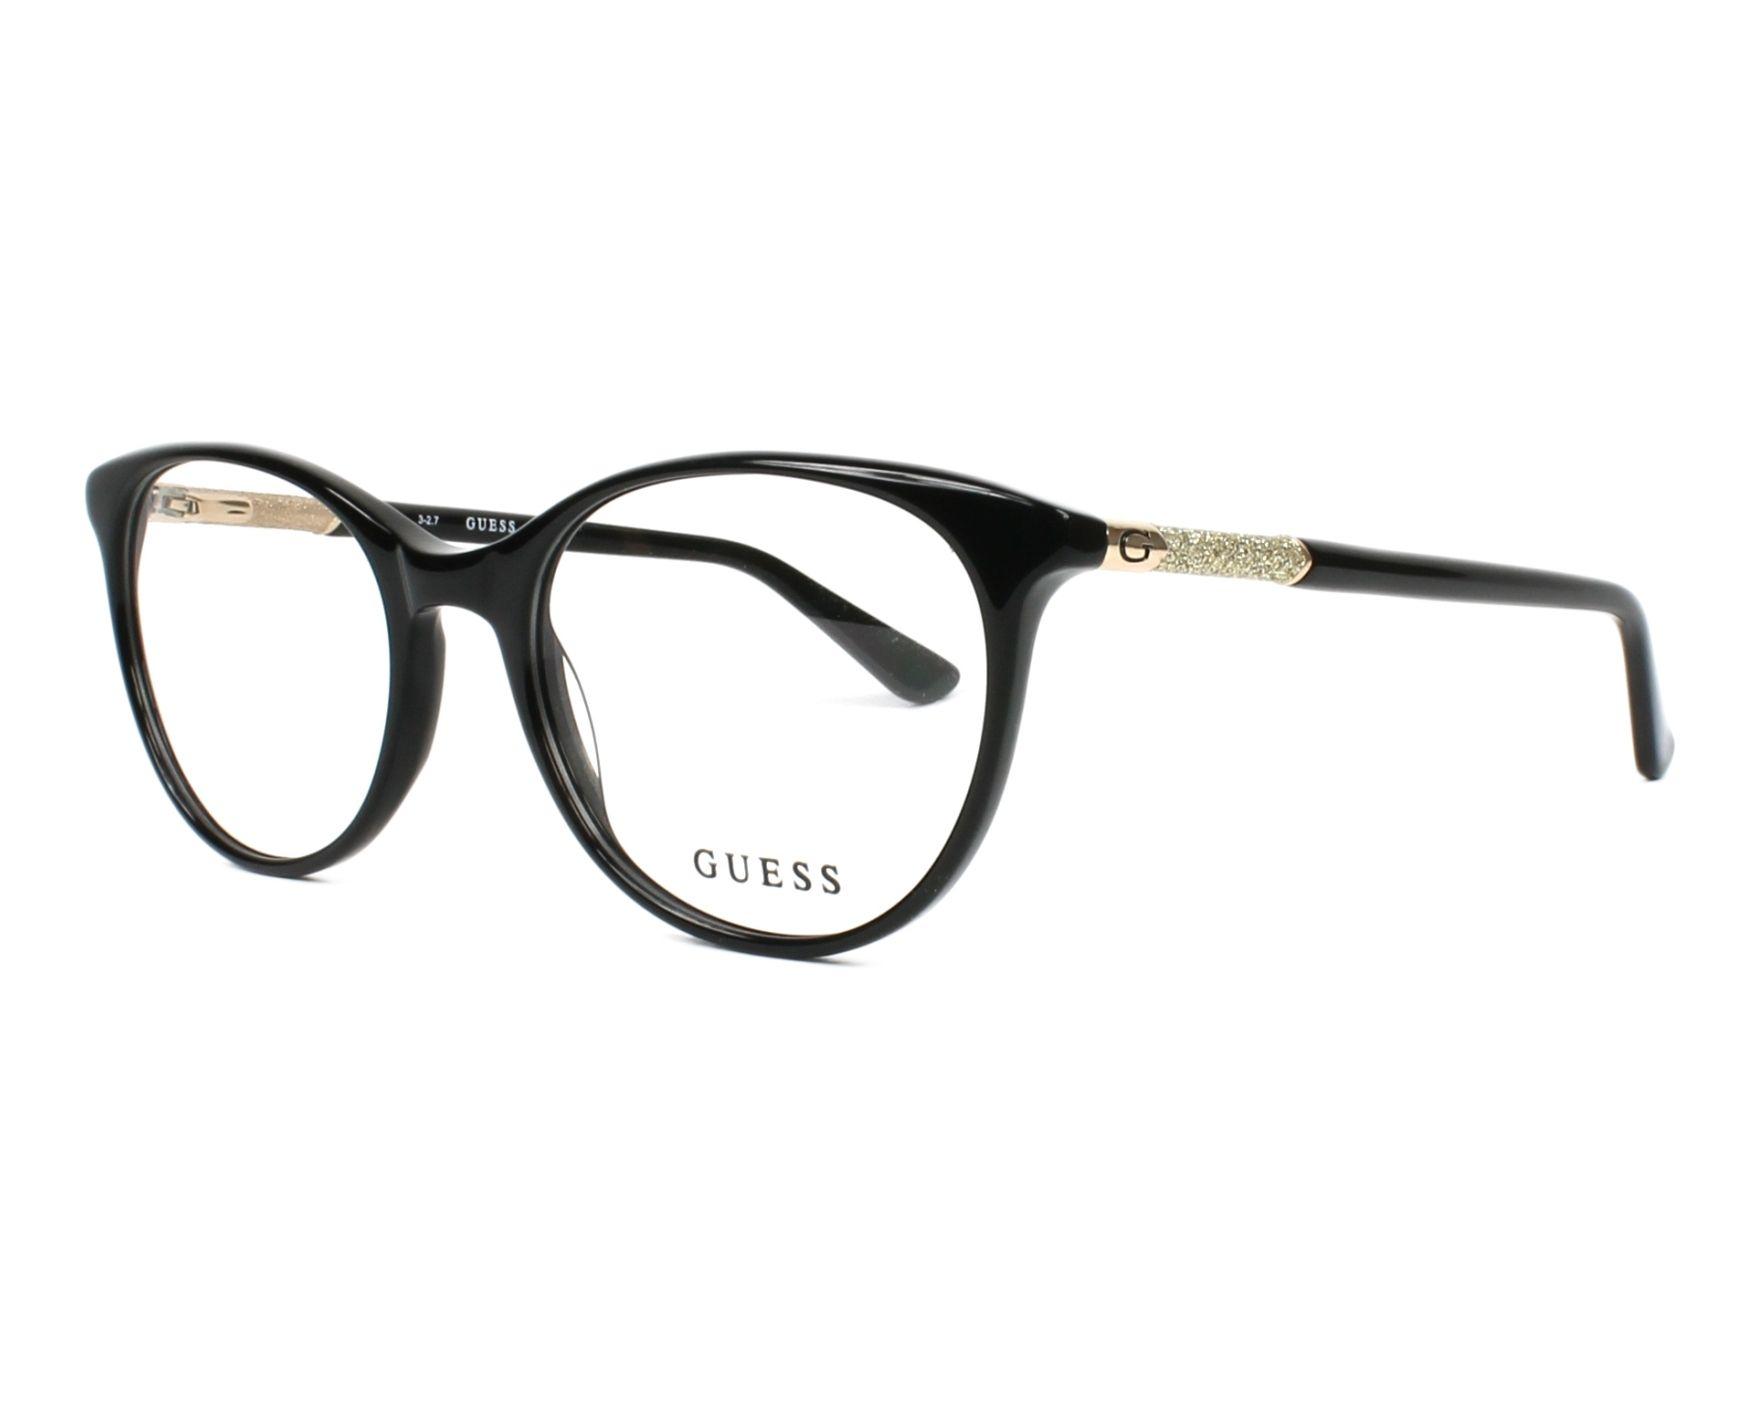 lunettes de vue guess gu 2657 005 noir monture femmes. Black Bedroom Furniture Sets. Home Design Ideas